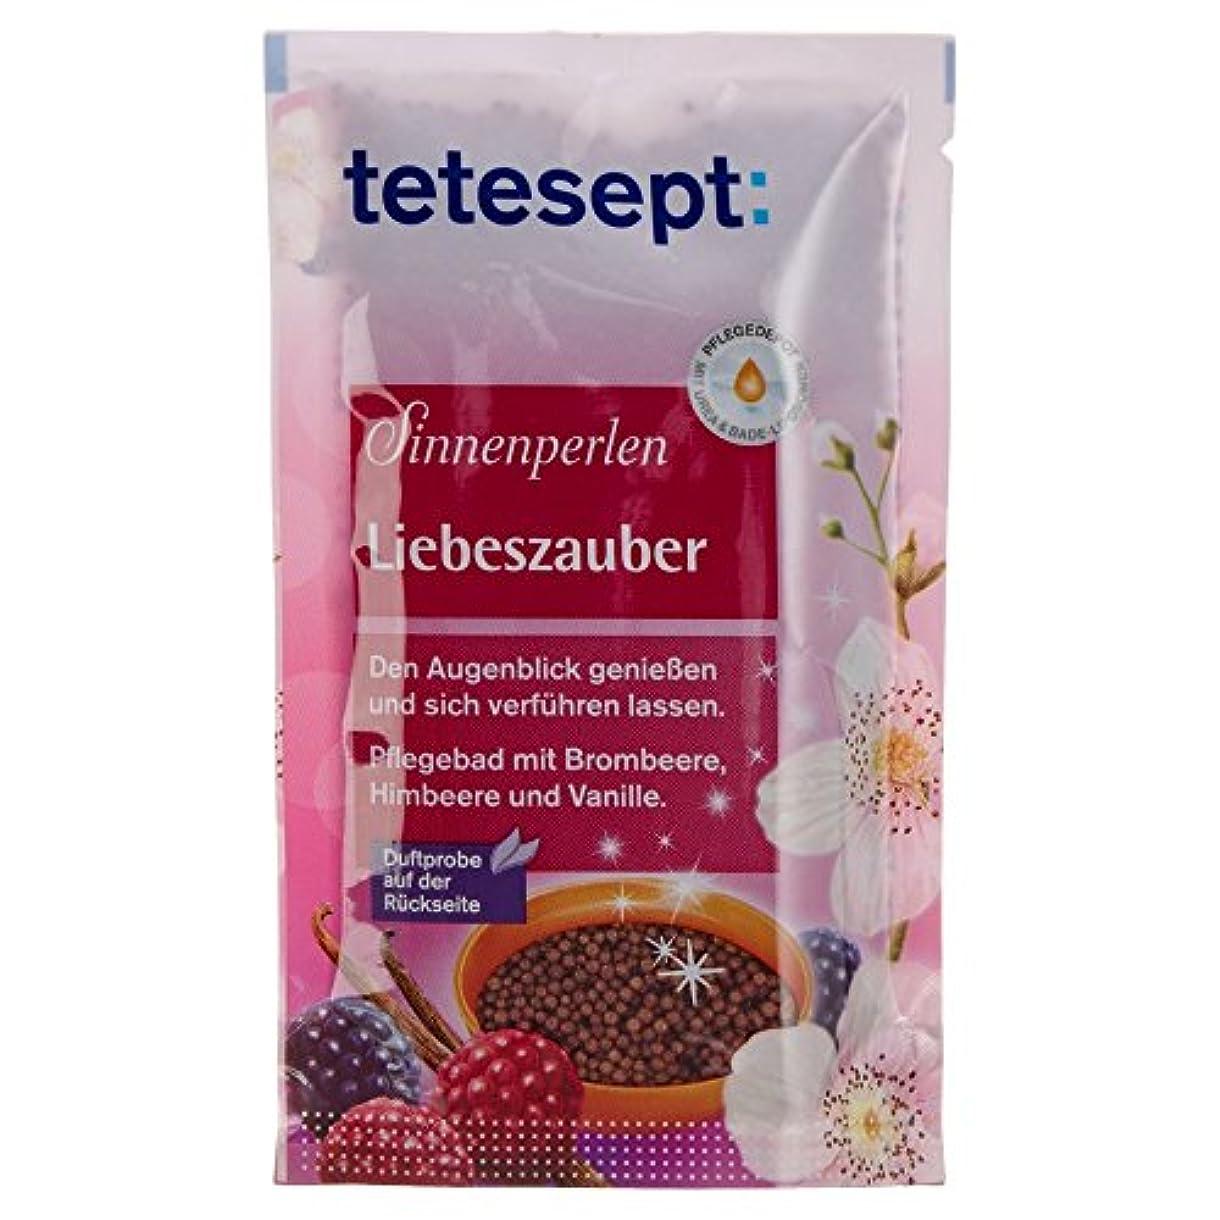 リーガン同封する彼自身Tetesept Sinnenperlen Liebeszauber Brombeere, Himbeere & Vanille 80 g